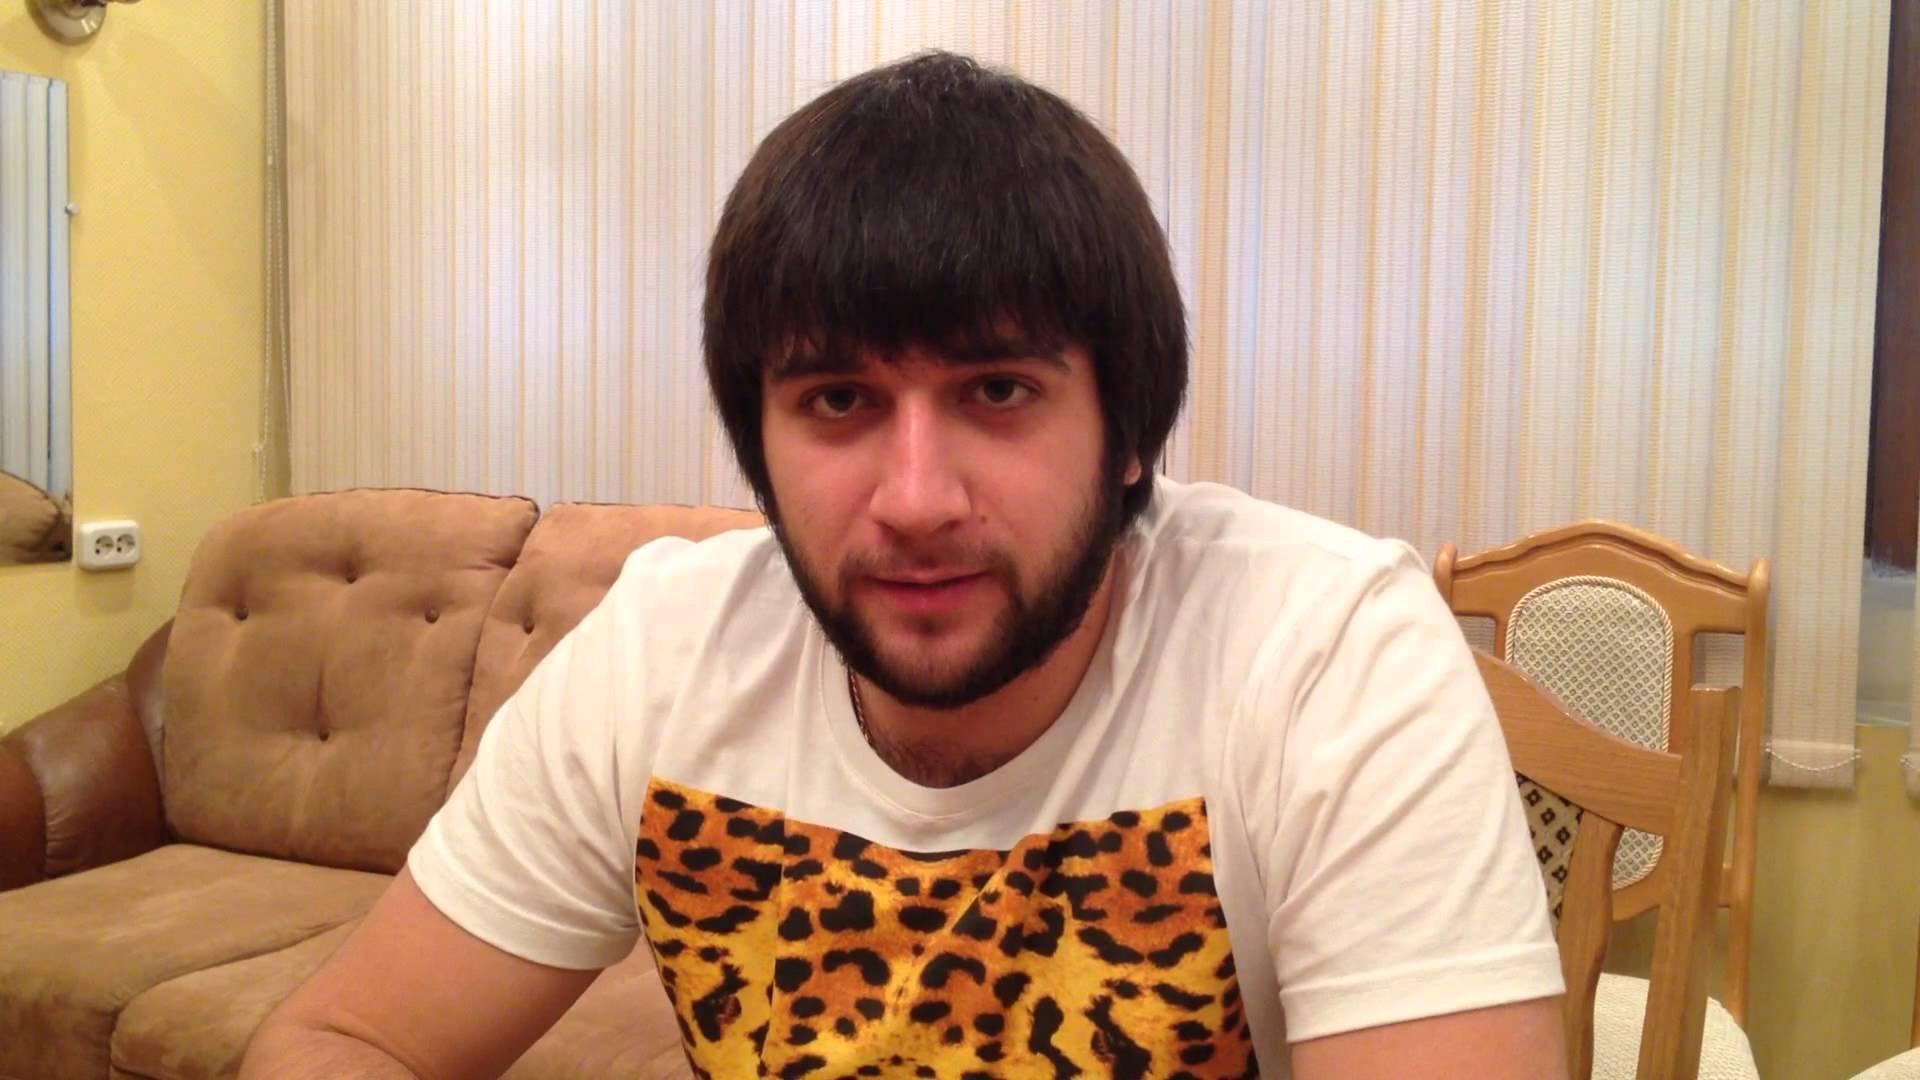 Эльбрус Джанмирзоев Свела Сума Скачать На Телефон Андроид